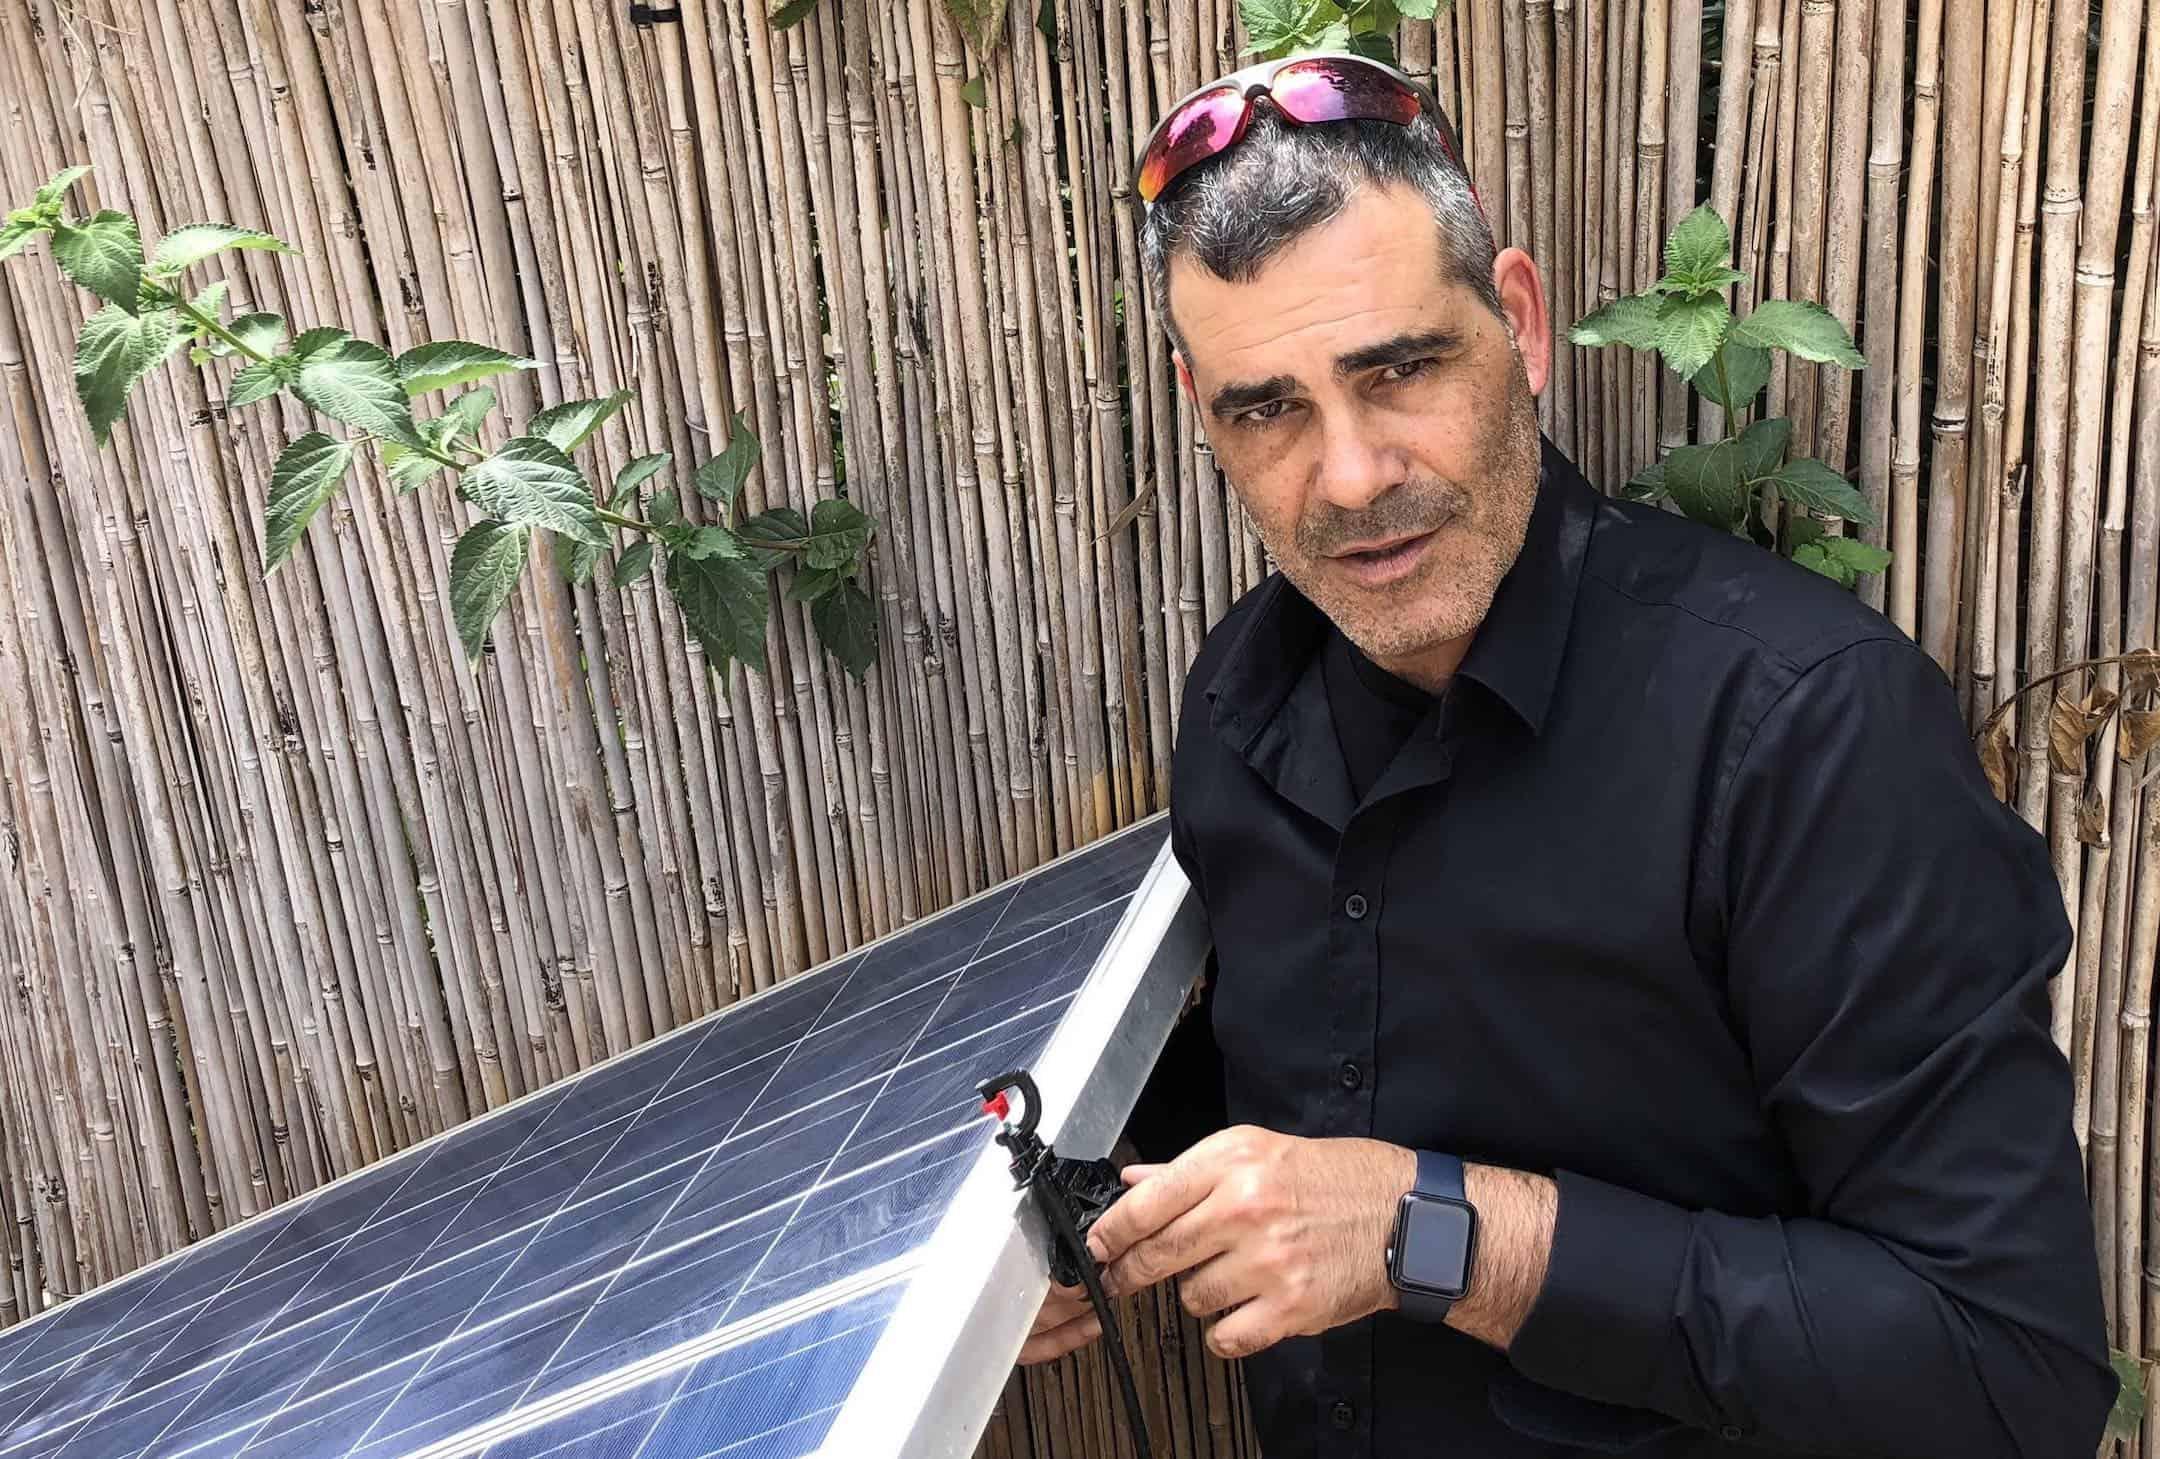 המצאה ישראלית: פתרון ייחודי לניקוי ושטיפת פאנלים סולאריים